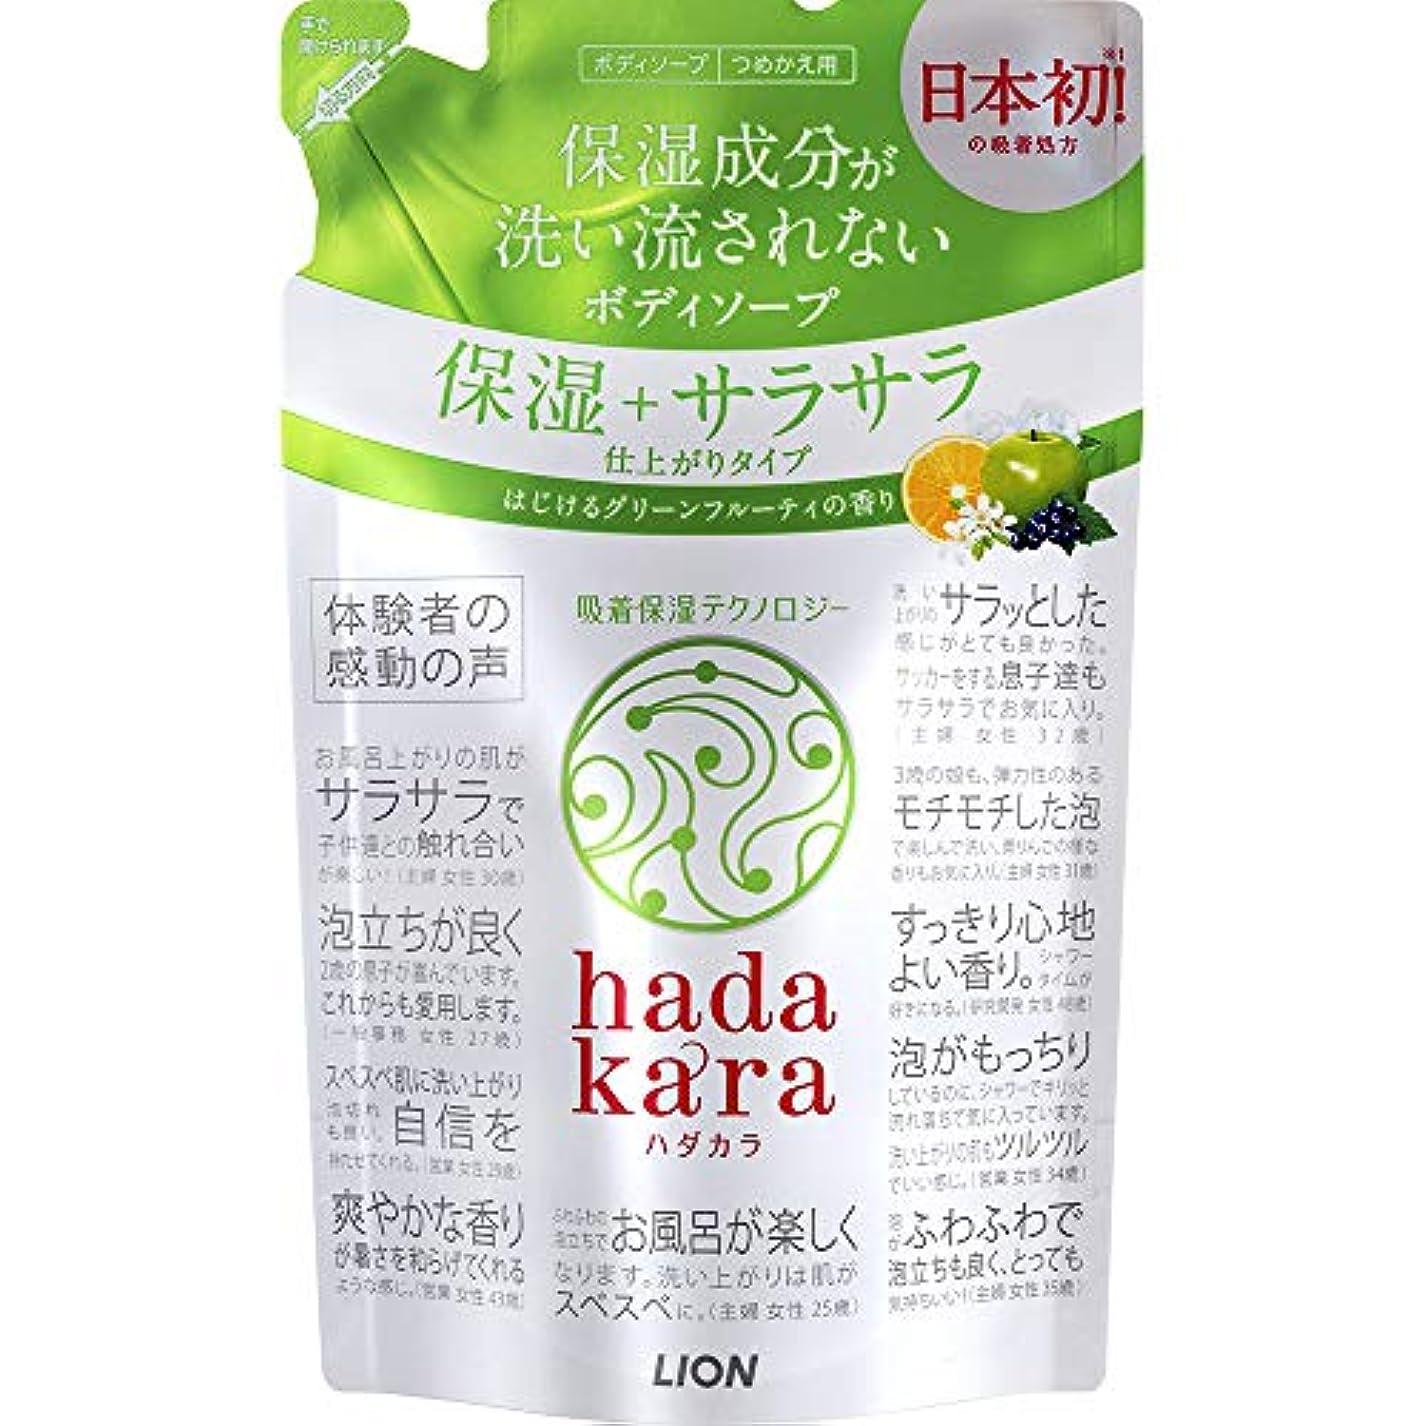 素人退屈させるなだめるhadakara(ハダカラ) ボディソープ 保湿+サラサラ仕上がりタイプ グリーンフルーティの香り 詰め替え 340ml